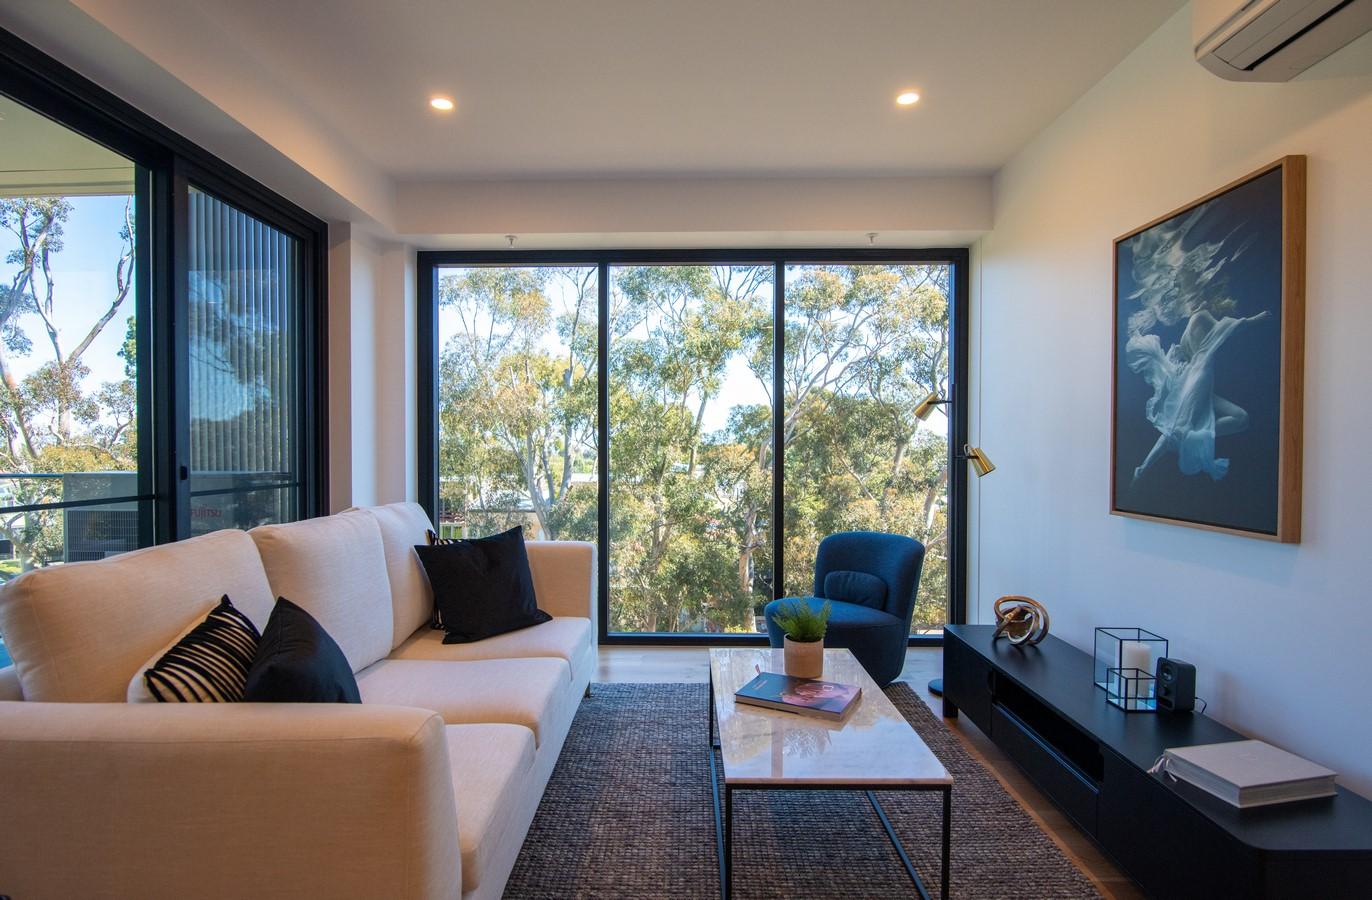 Glenside Botanica Apartments by Hames Sharley - Sheet1